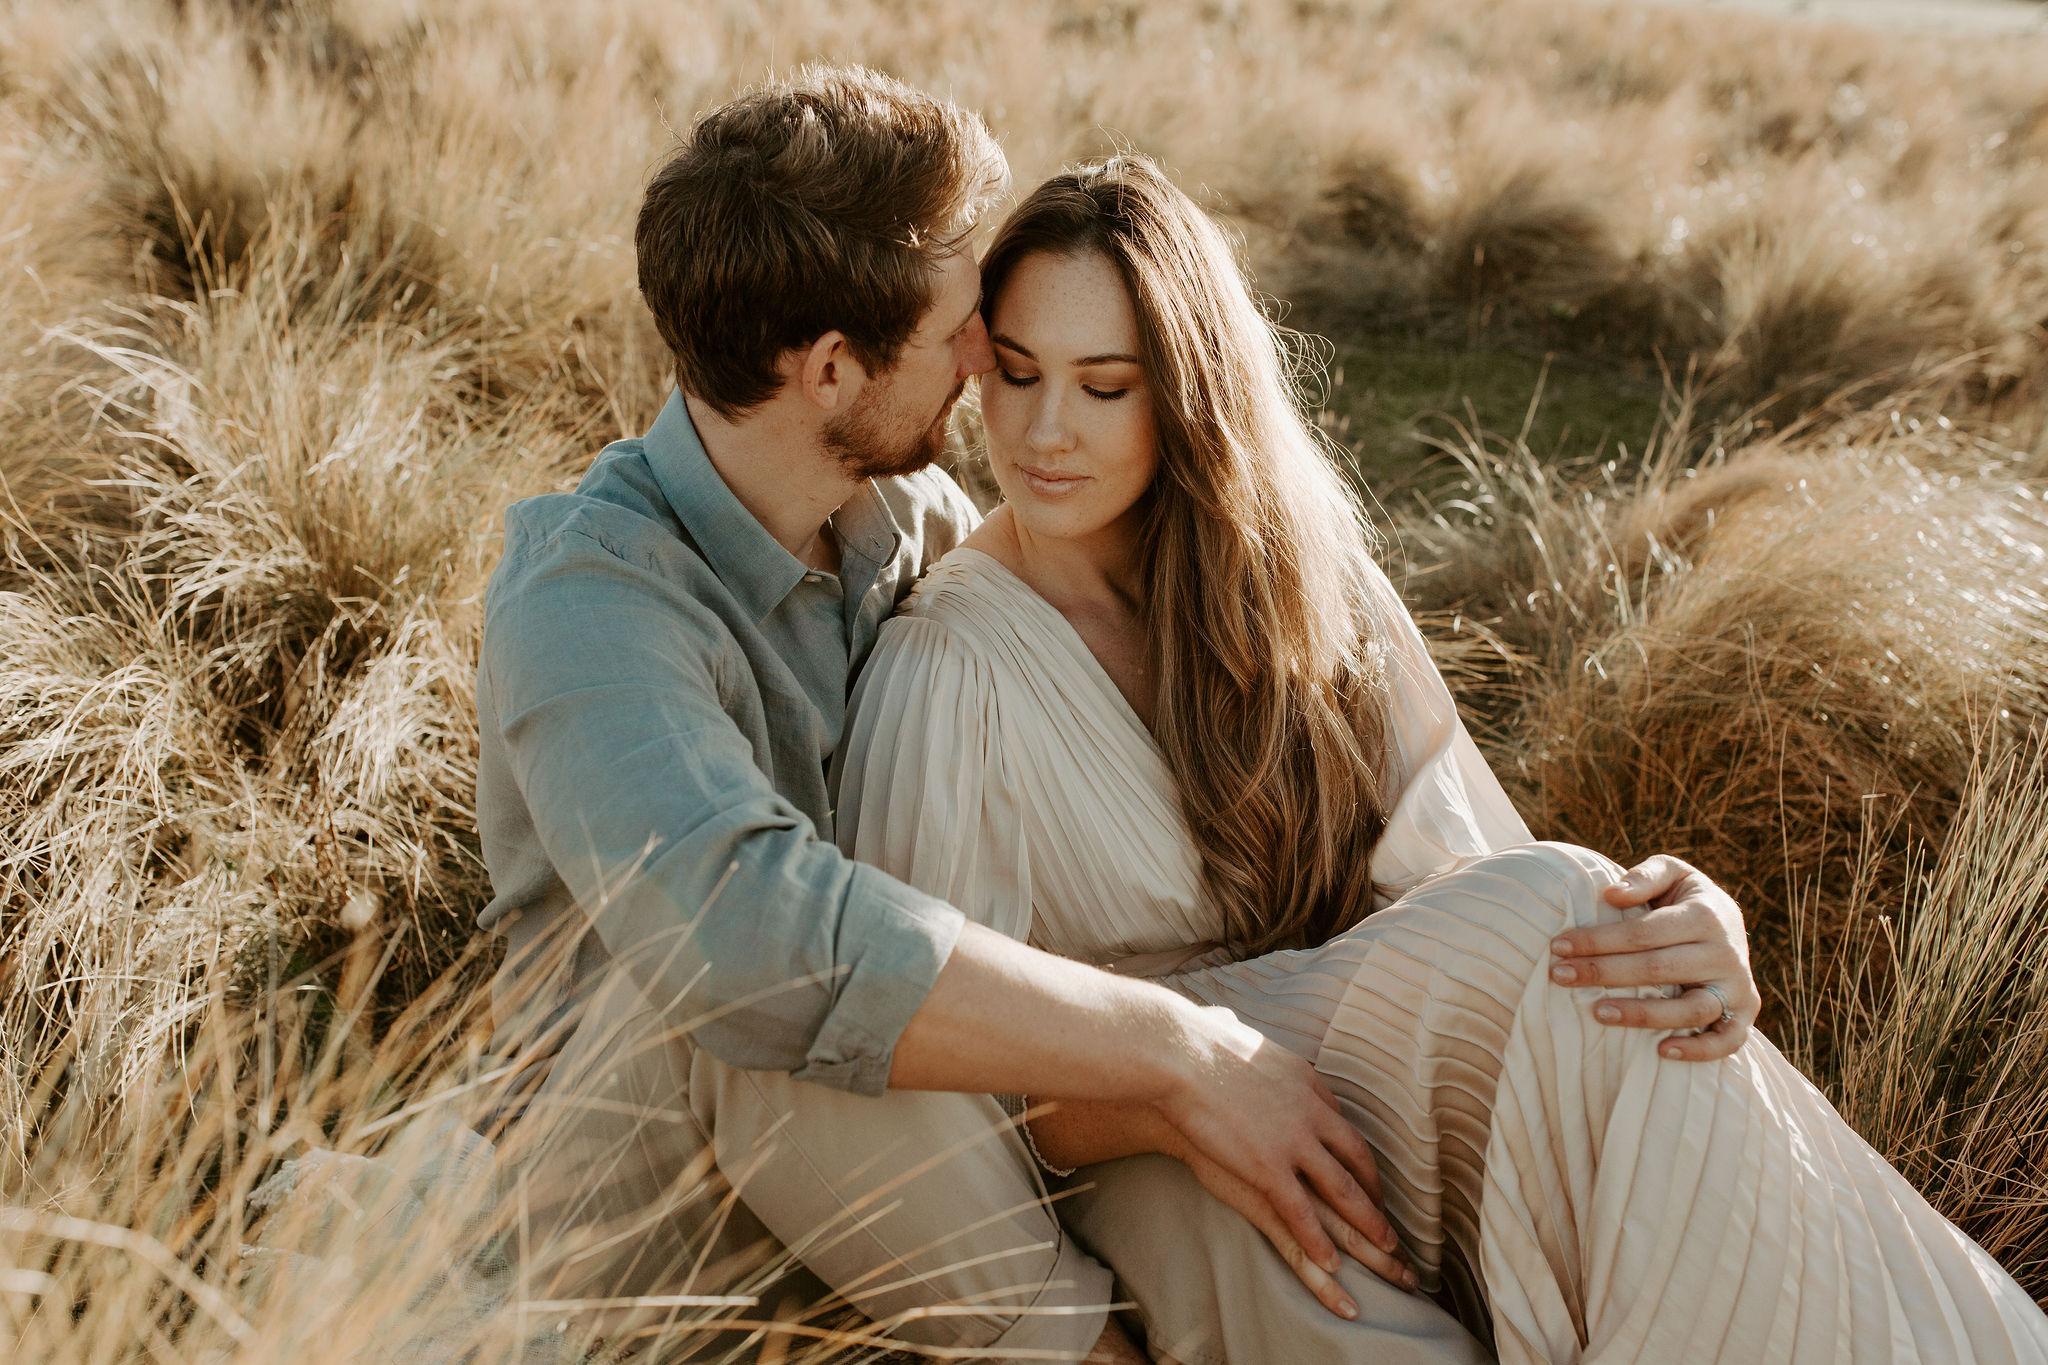 Dunedin-NewZealand-Elopement-Engagement-Photographer-Sam-Ashlie-6509.jpg